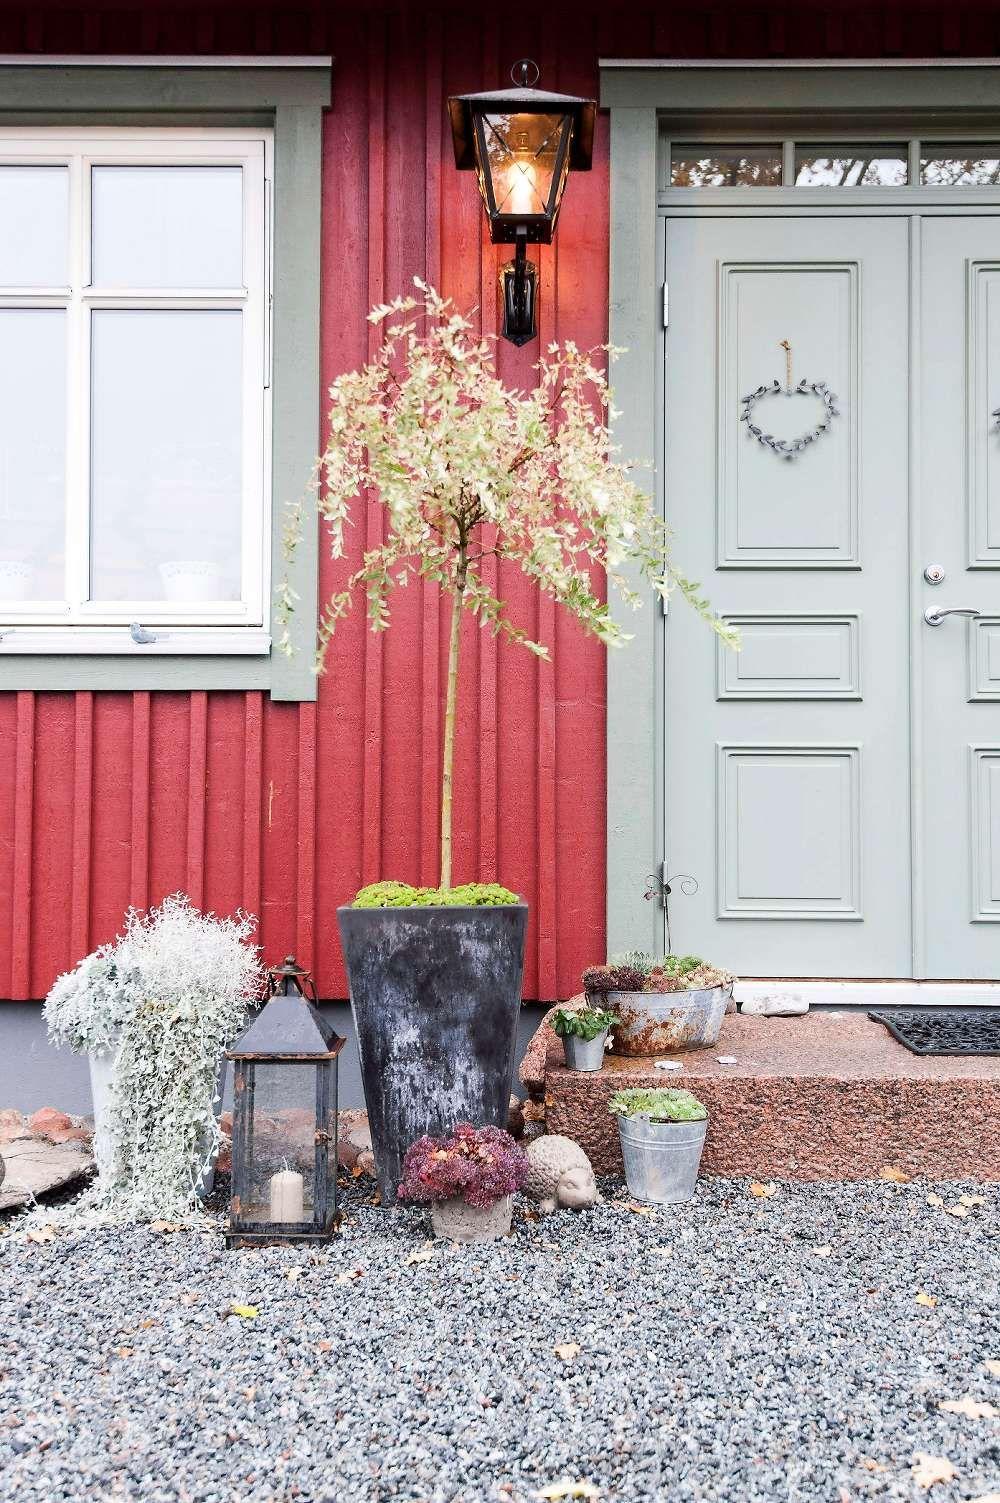 Ytterdörr Dooria perfekt färg. CabinColoursWindowsDoors.   & Ytterdörr Dooria perfekt färg | Fönster u0026 dörrar | Pinterest pezcame.com